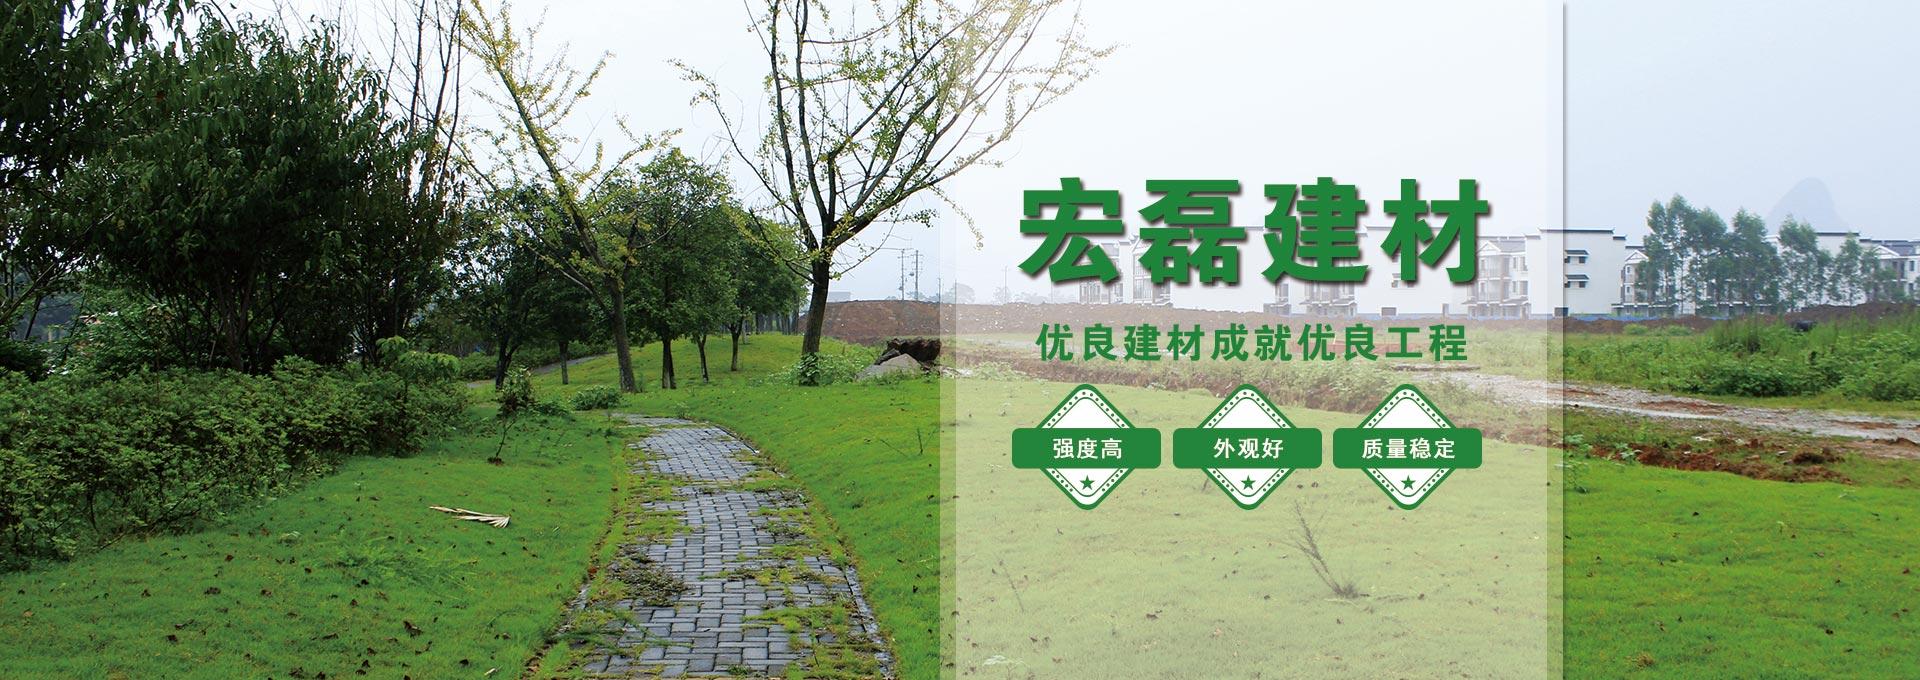 青岛通体砖,草坪砖,青岛荷兰砖-青岛宏磊建材有限公司